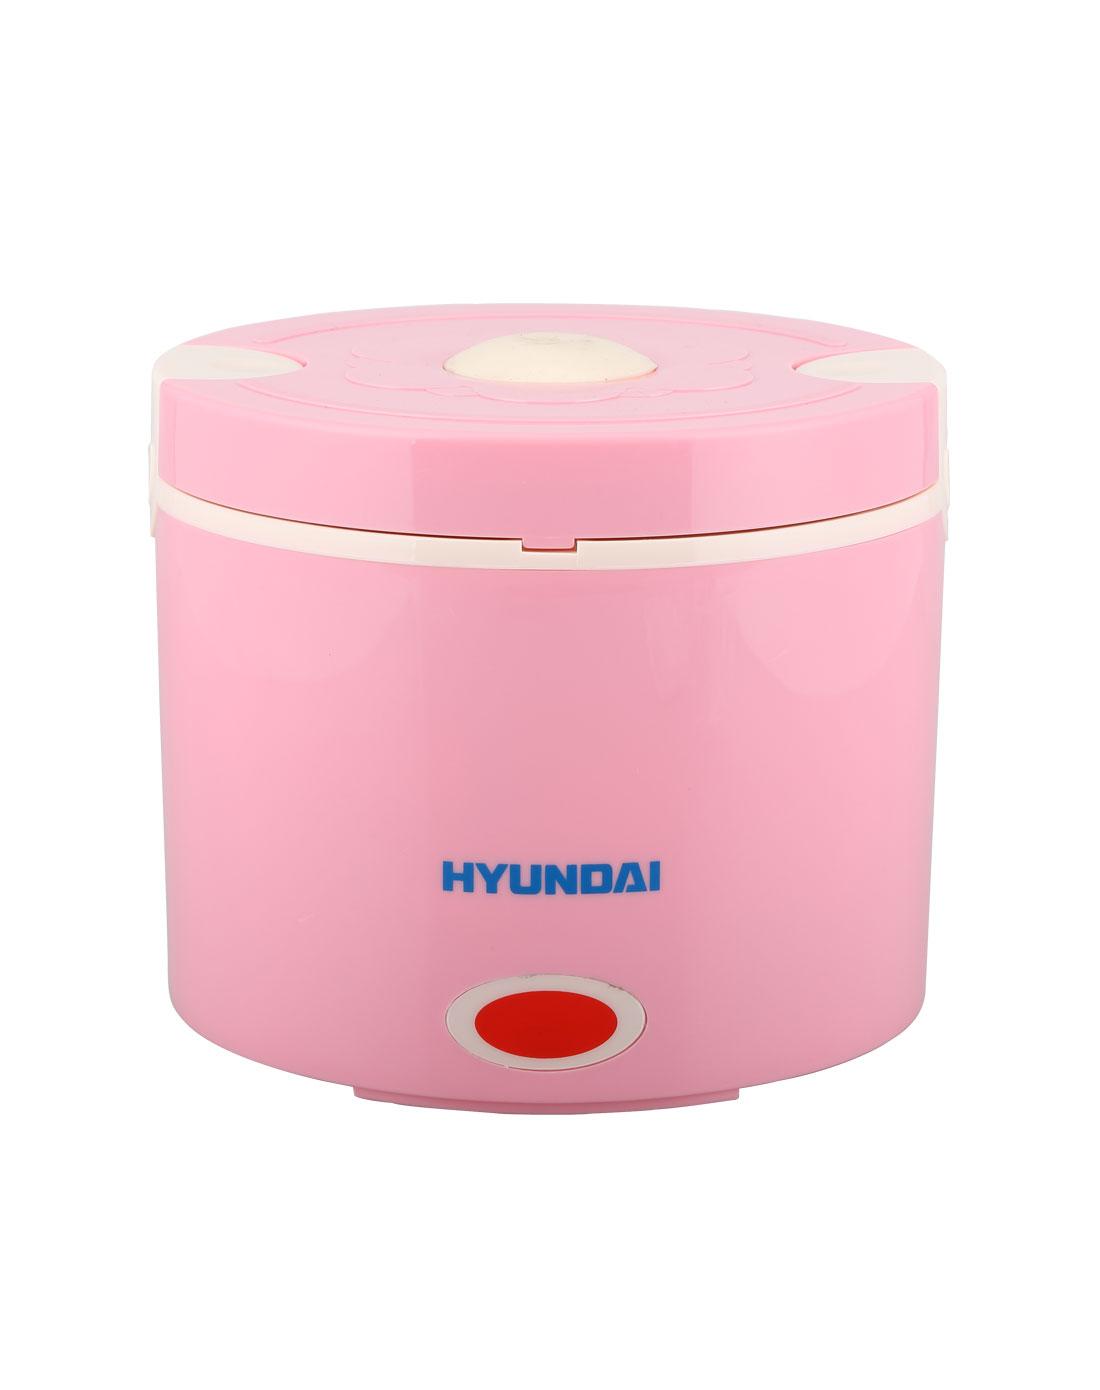 现代 时尚可爱电热饭盒/1.5l /粉红色/50w